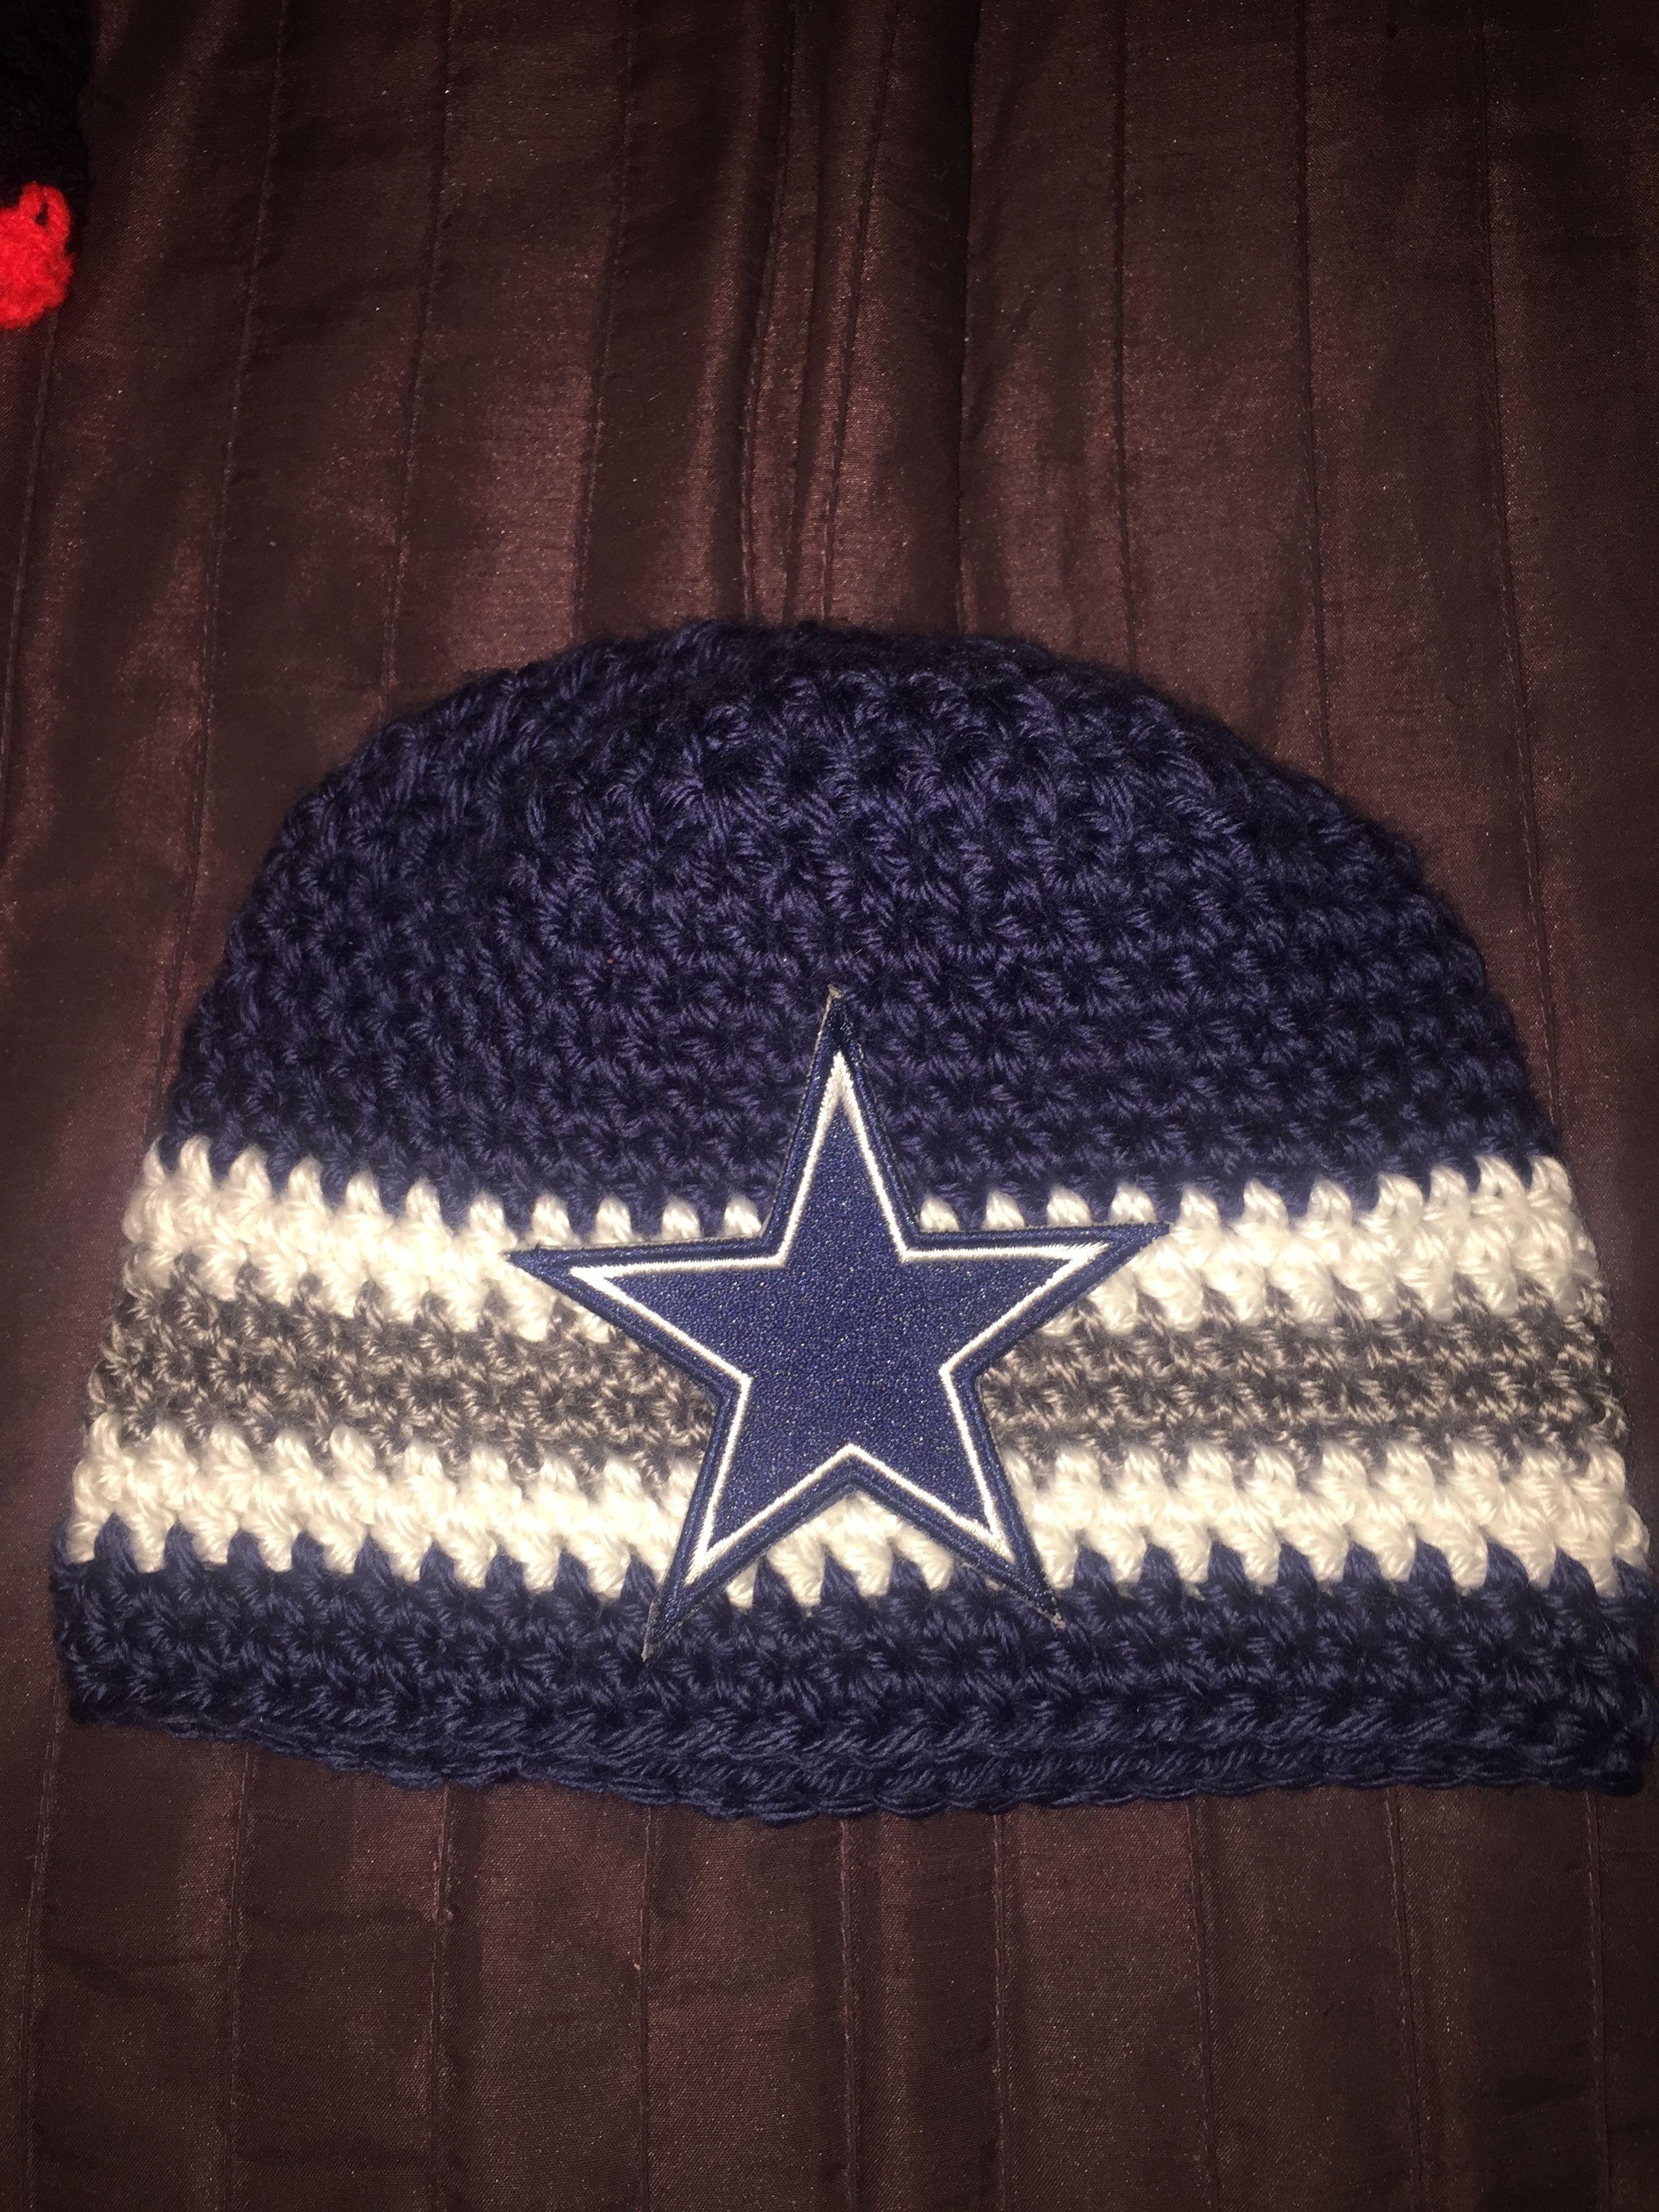 Dallas Cowboy crocheted baby beanie  848832eea